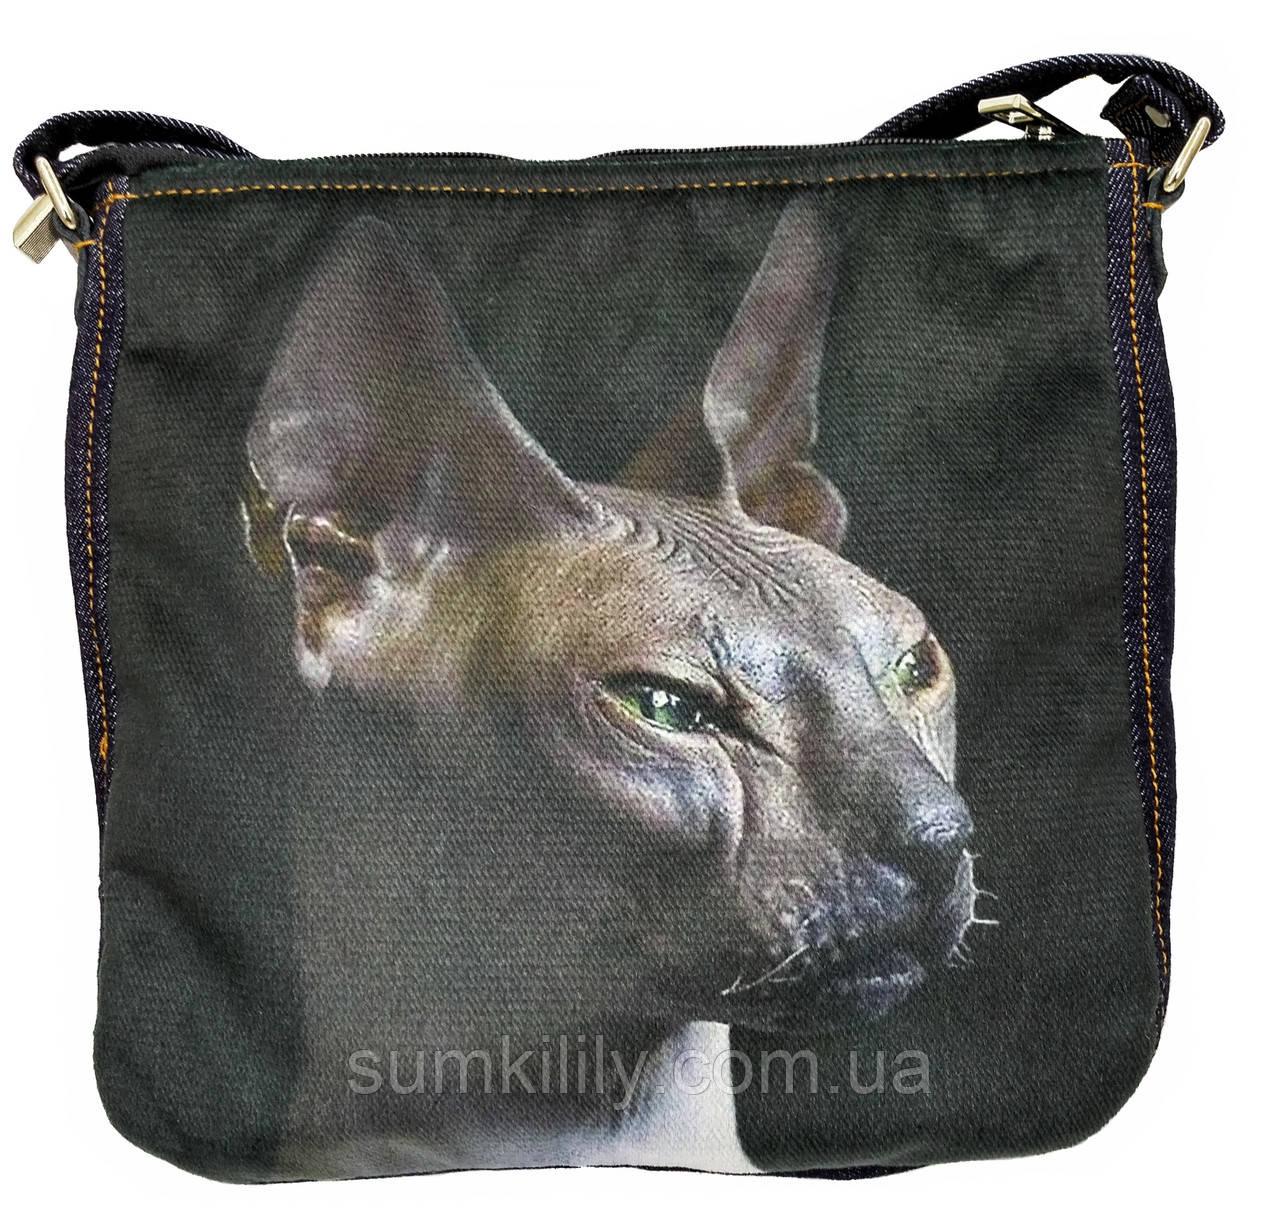 Джинсовая сумка с котом СФИНКС 2